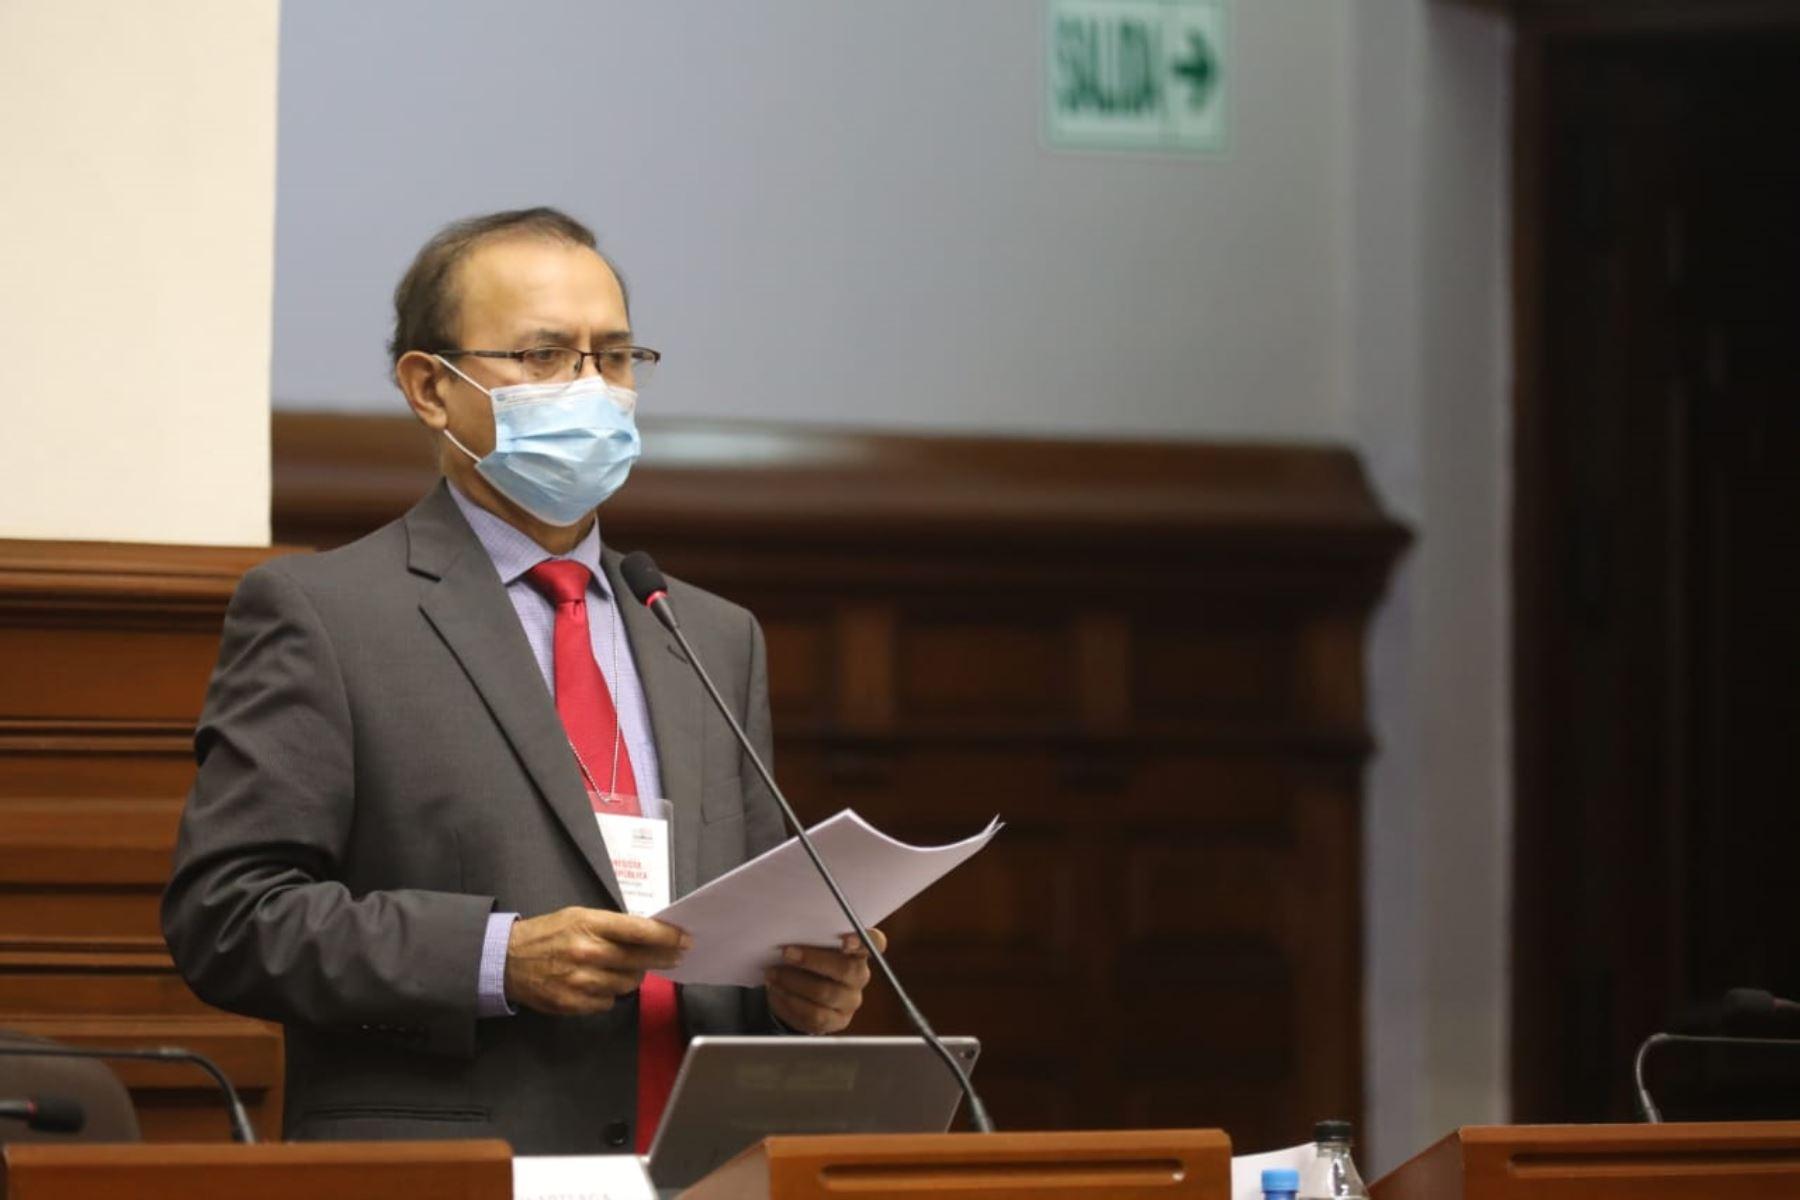 Congresista de Acción Popular, Otto Guibovich, de Acción Popular participa en sesión del Congreso. Foto: ANDINA/Congreso de la República